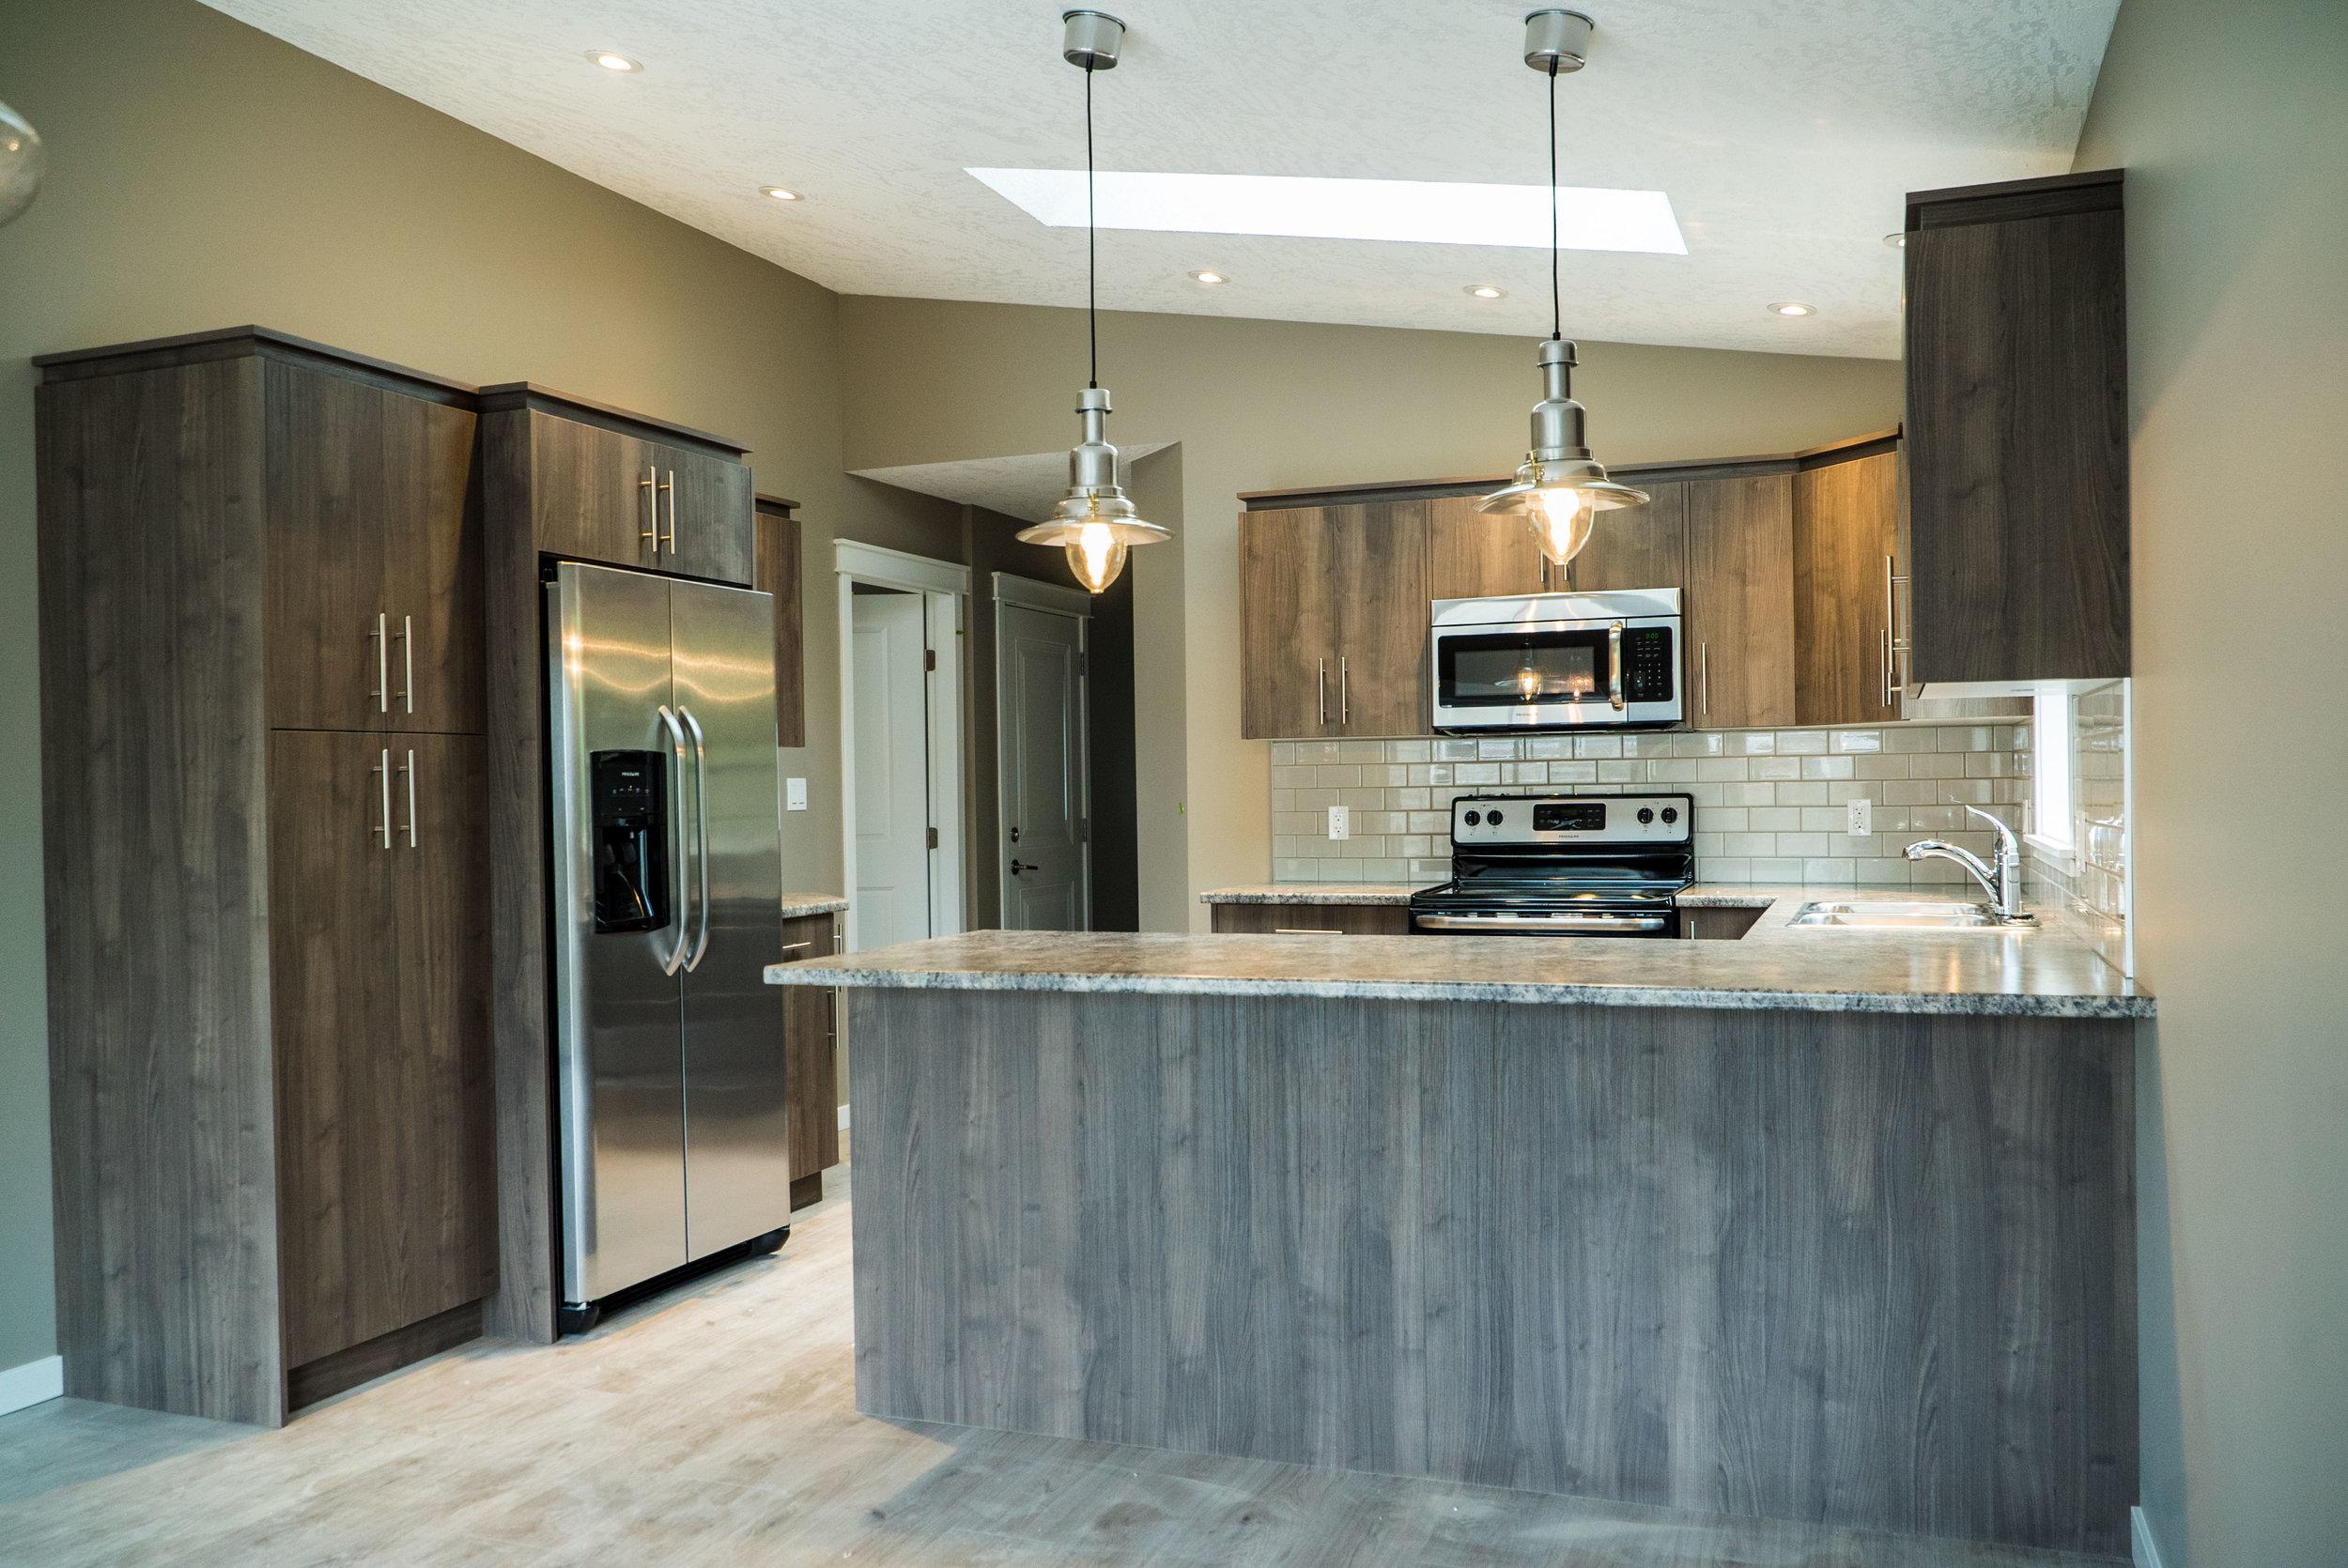 kitchen-front (1).jpg